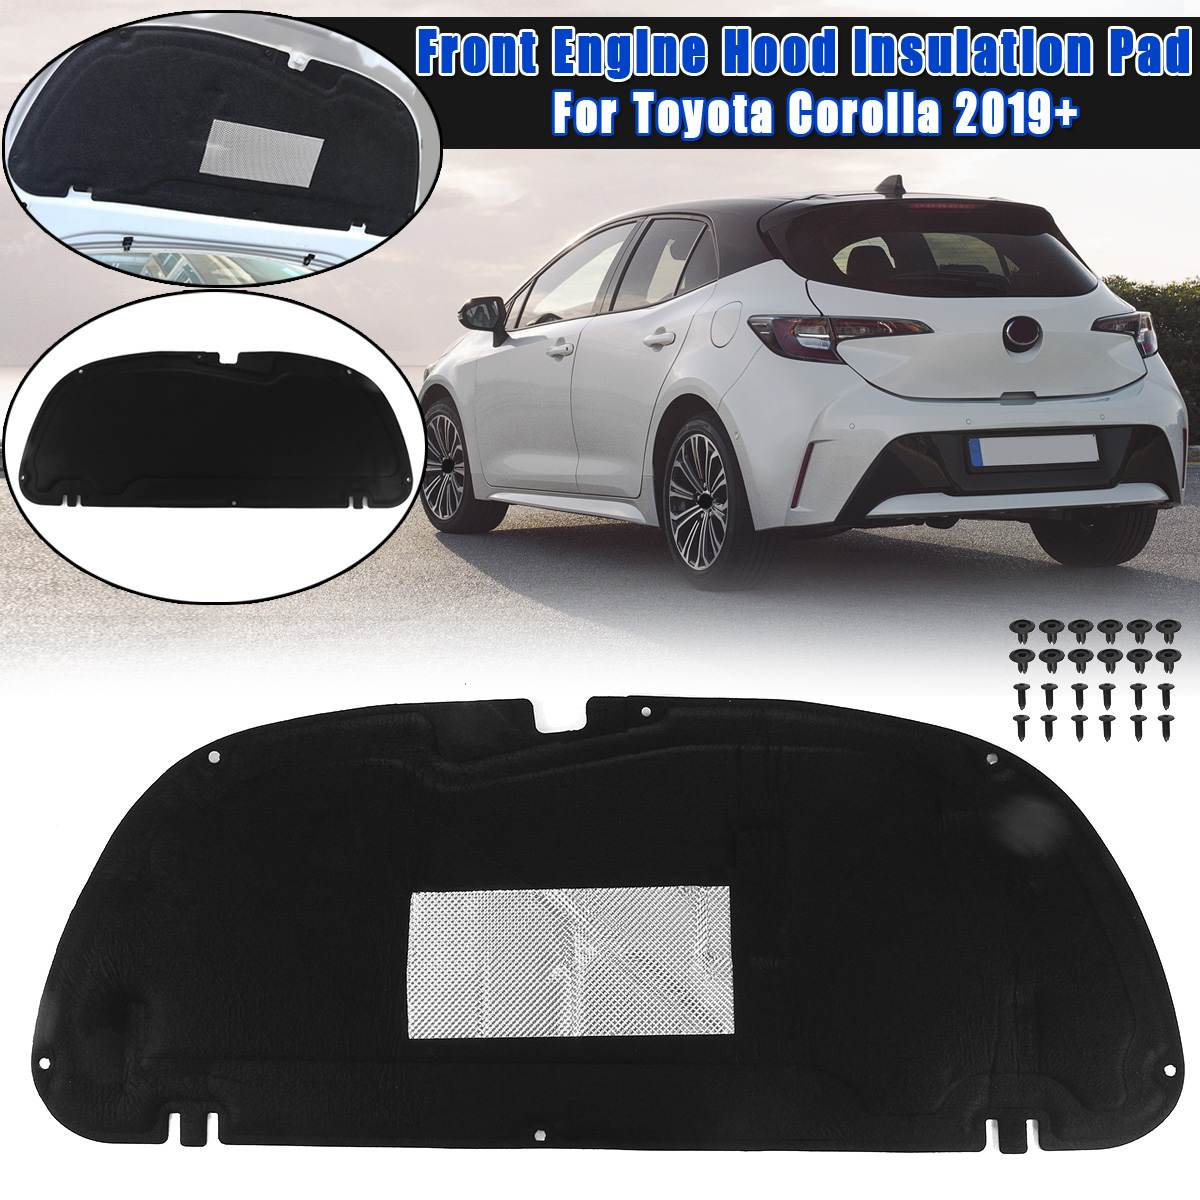 1 шт., крышка для автомобильного капота, звукоизоляционная Накладка для двигателя, термоизоляционная накладка, коврик для Toyota Corolla, 2019 + автом...